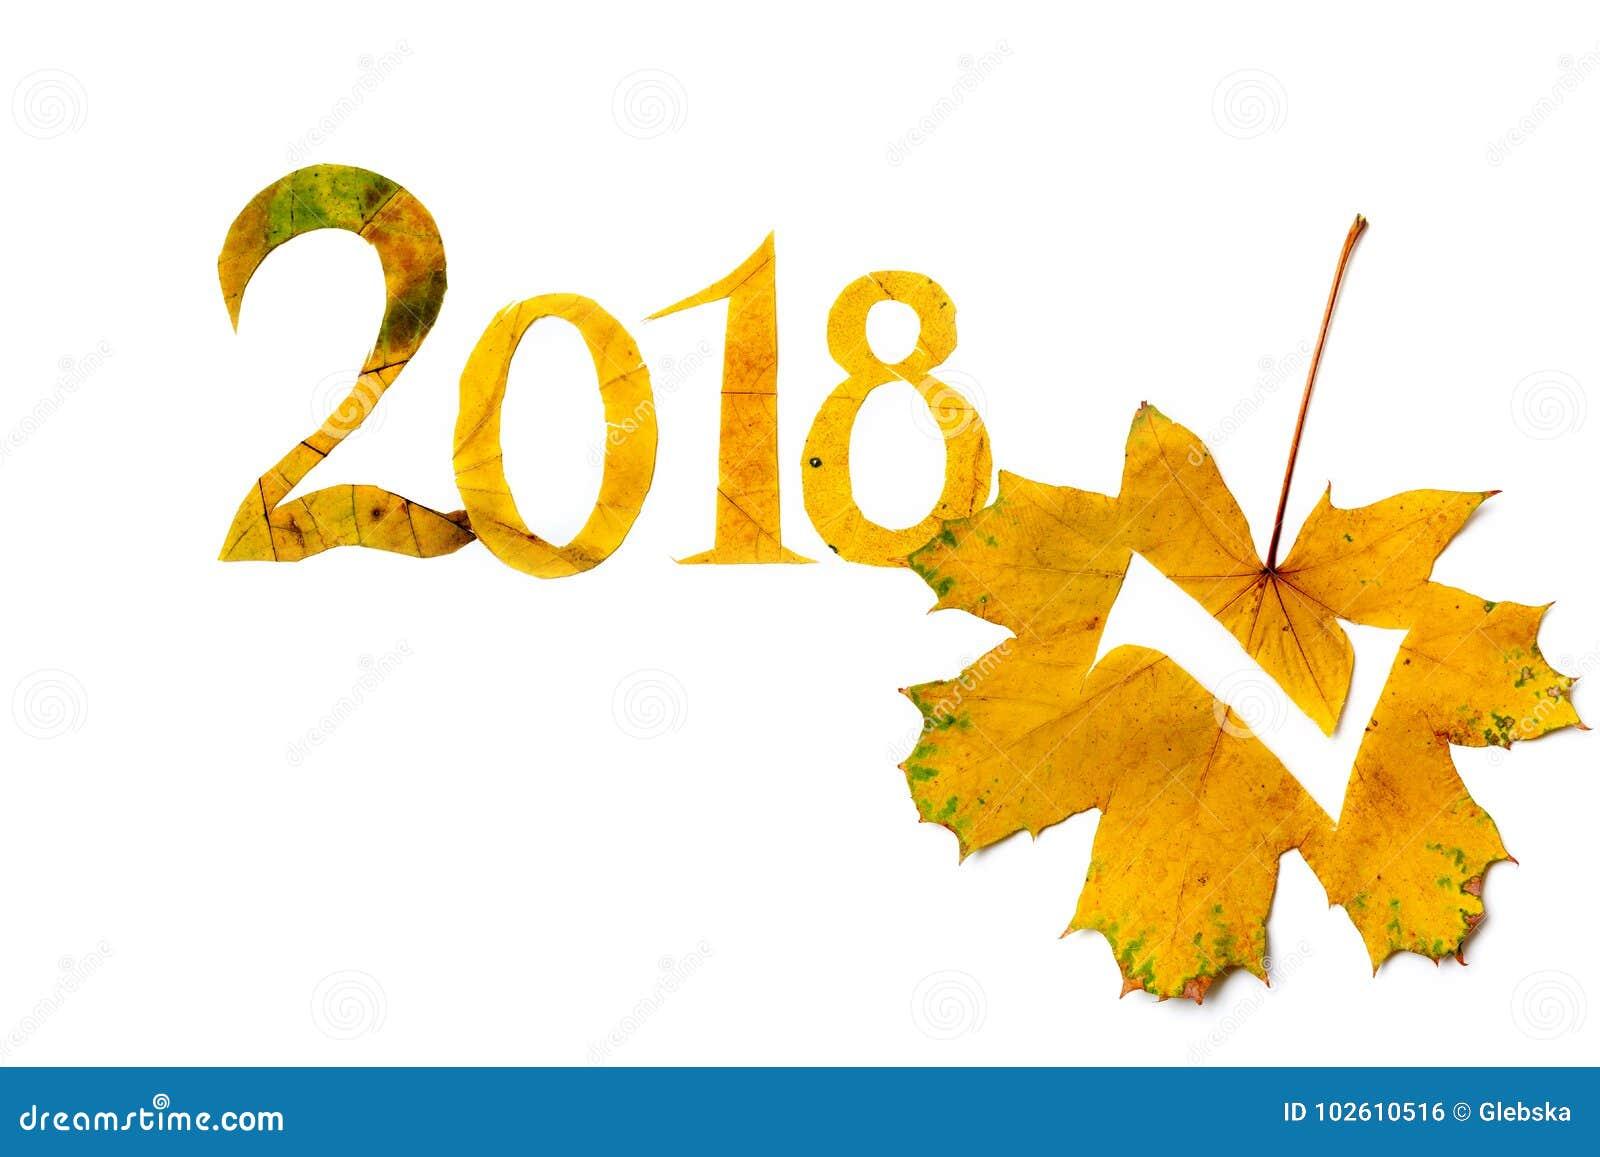 2018 le cifre hanno scolpito dalle foglie di acero gialle su fondo bianco